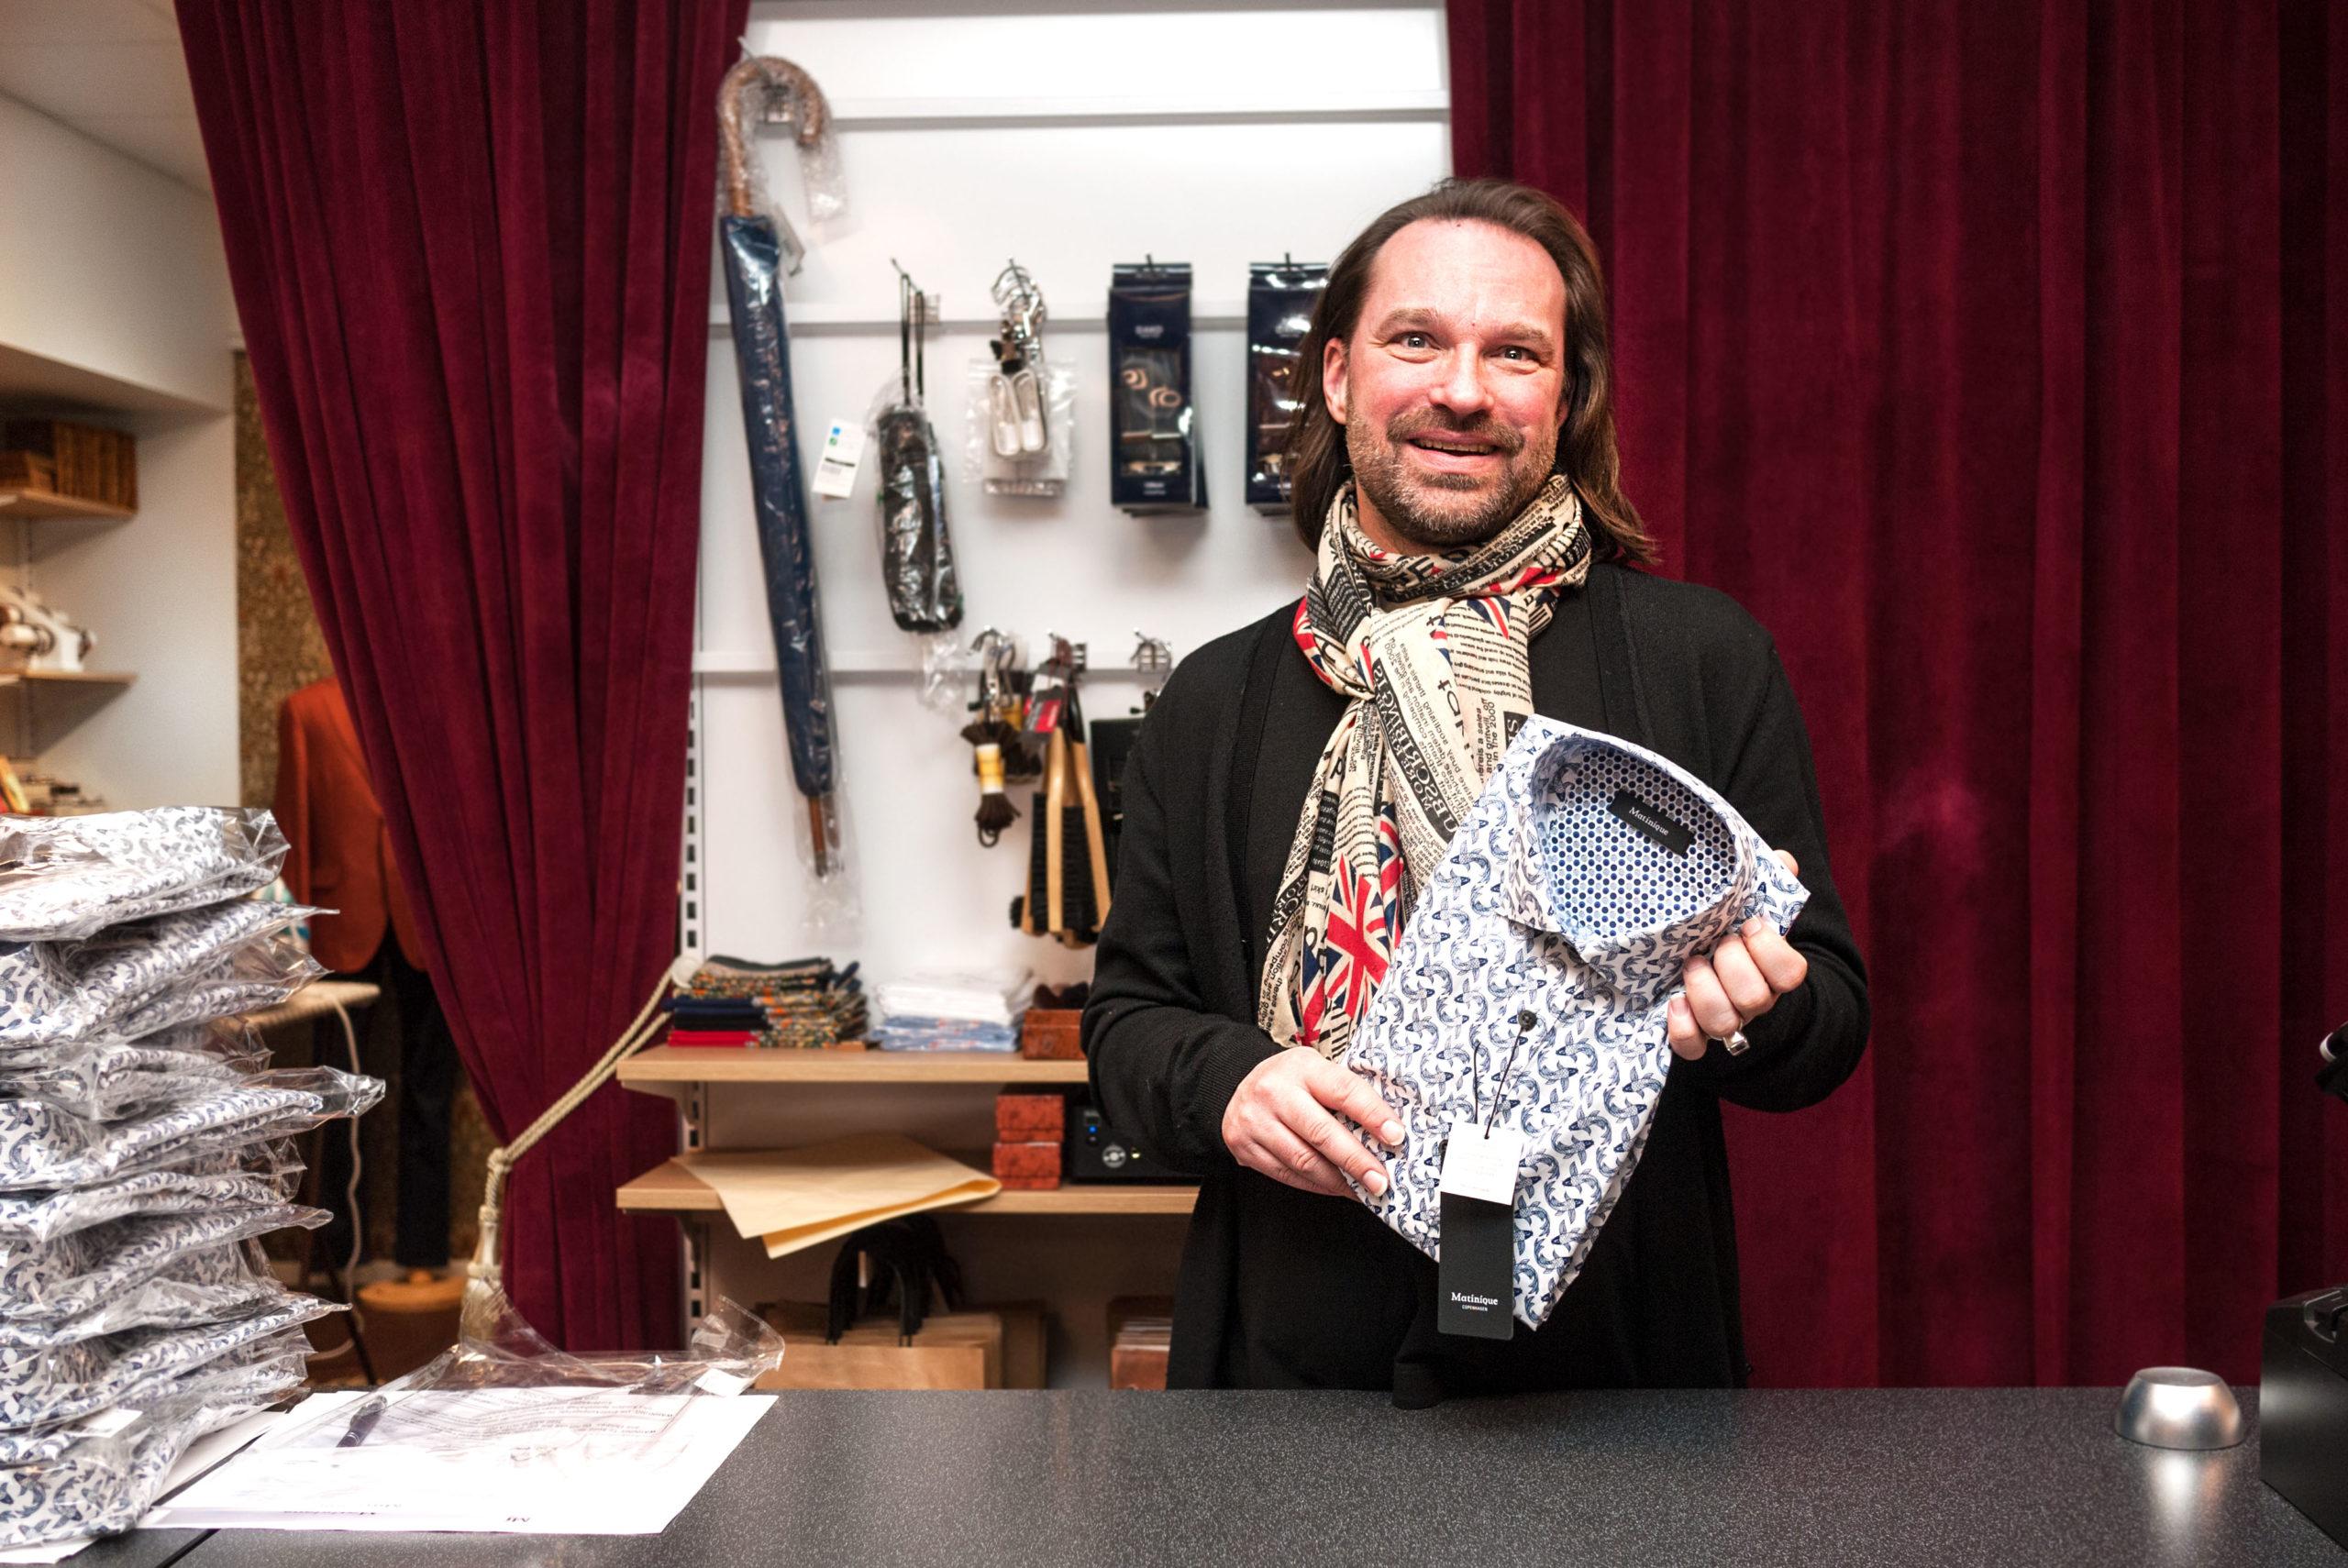 Bernhard och Hans ser positivt på framtiden för den fysiska handeln, särskilt i en mindre stad som Falköping.